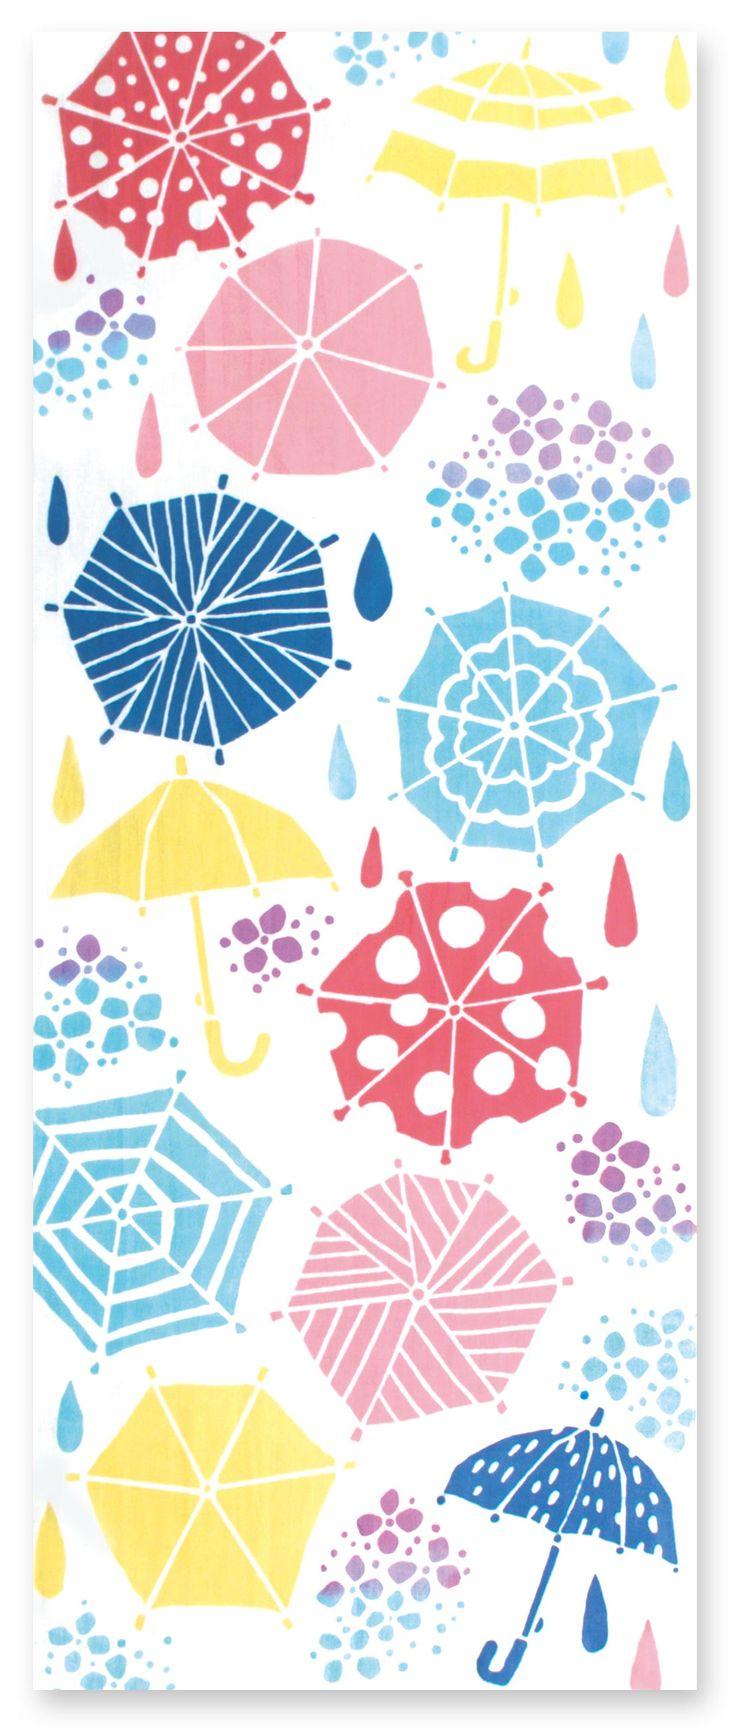 雨降り 夏の風物詩 ジカンスタイル オンラインショップ